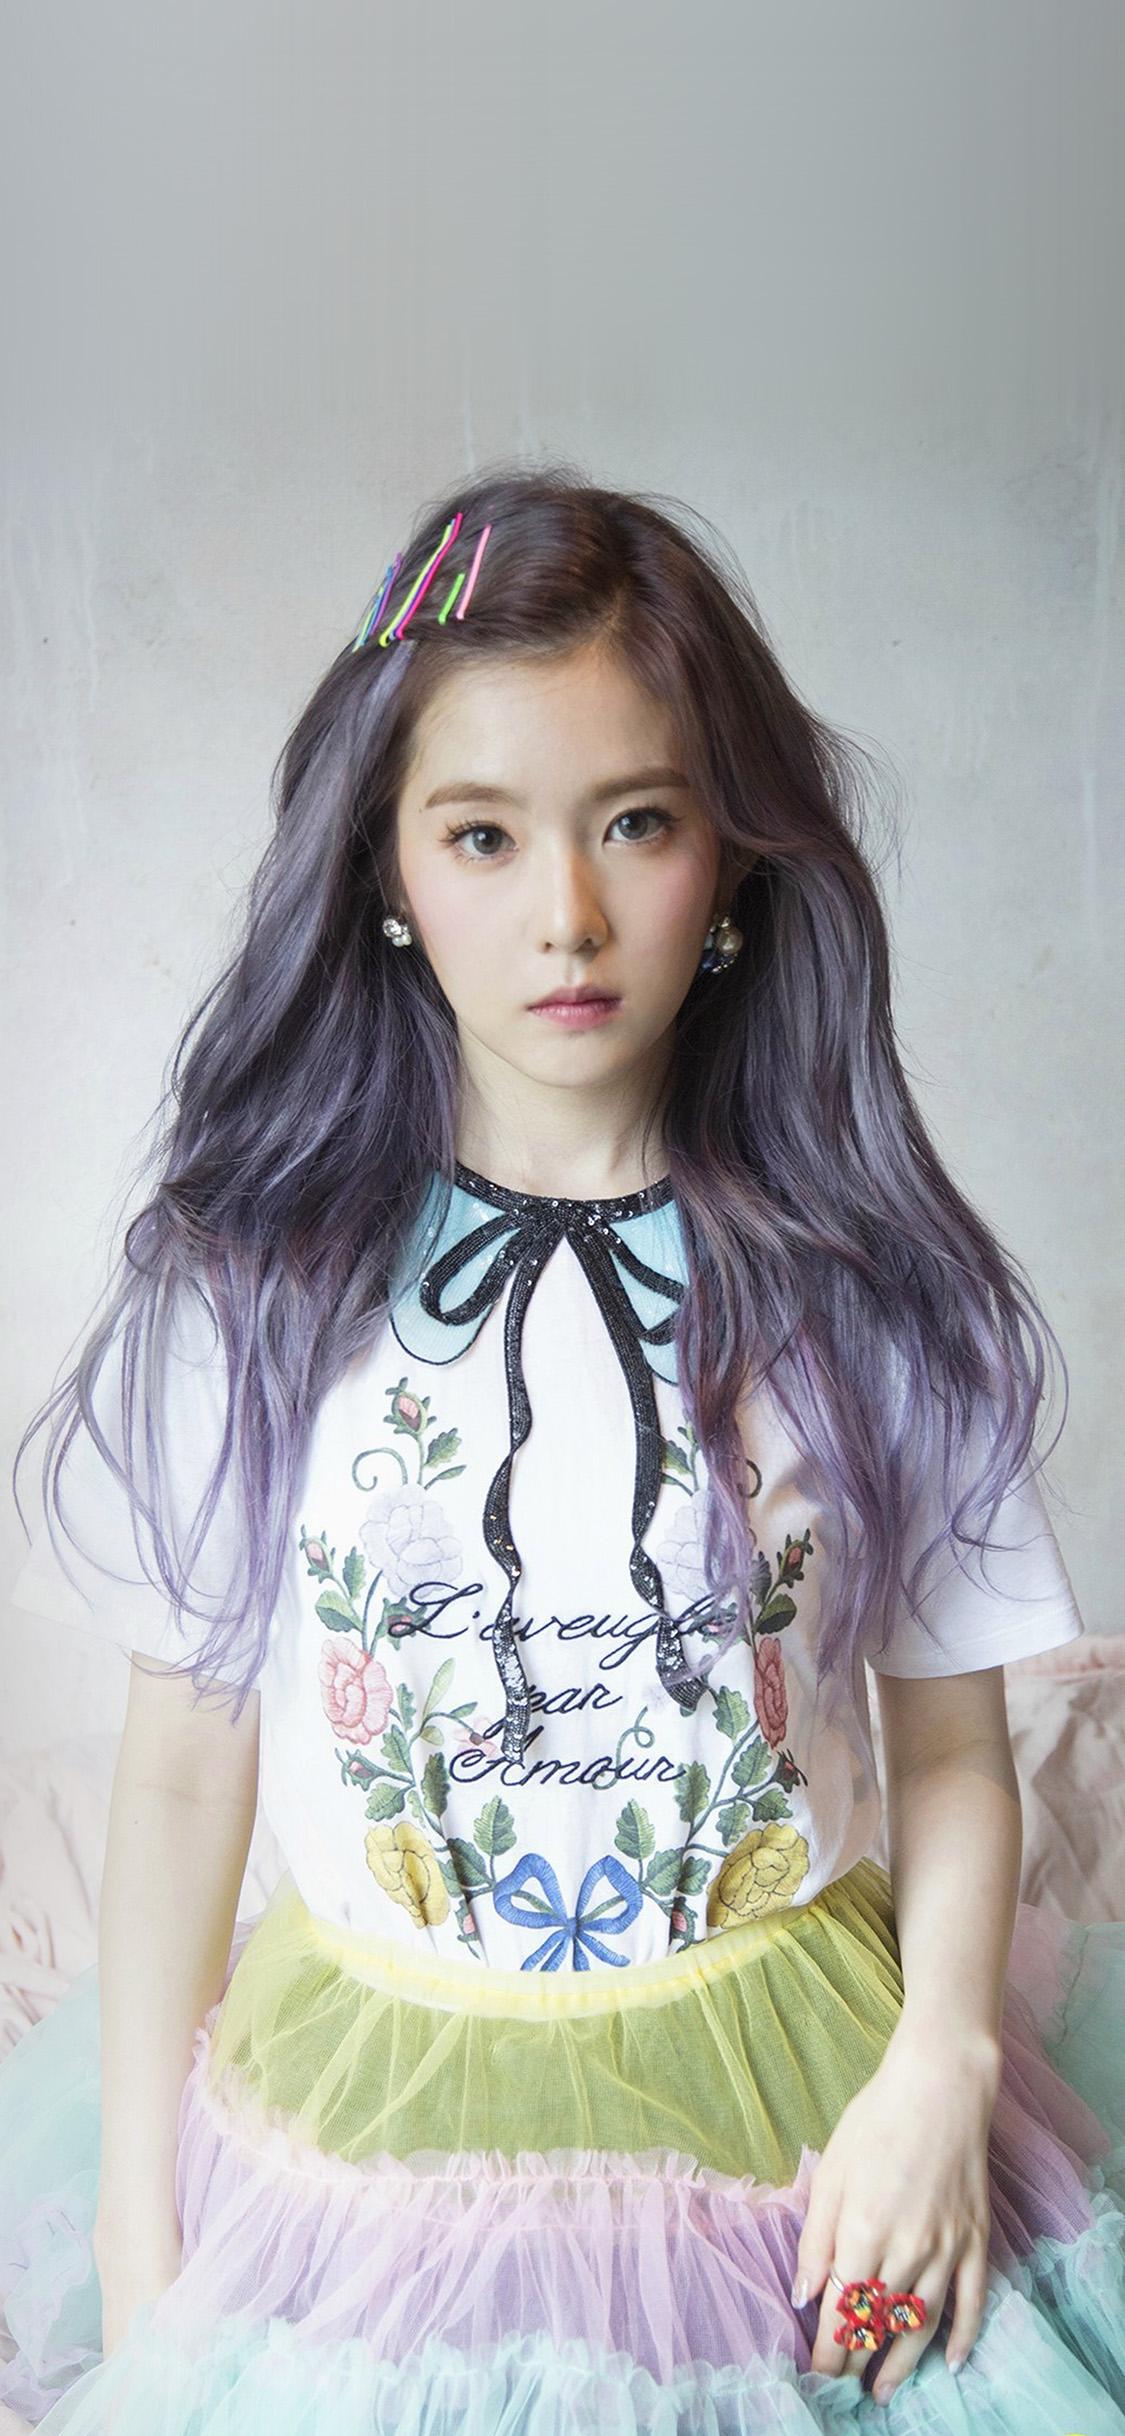 Hp02 Girl Redvelvet Kpop Doll Wallpaper